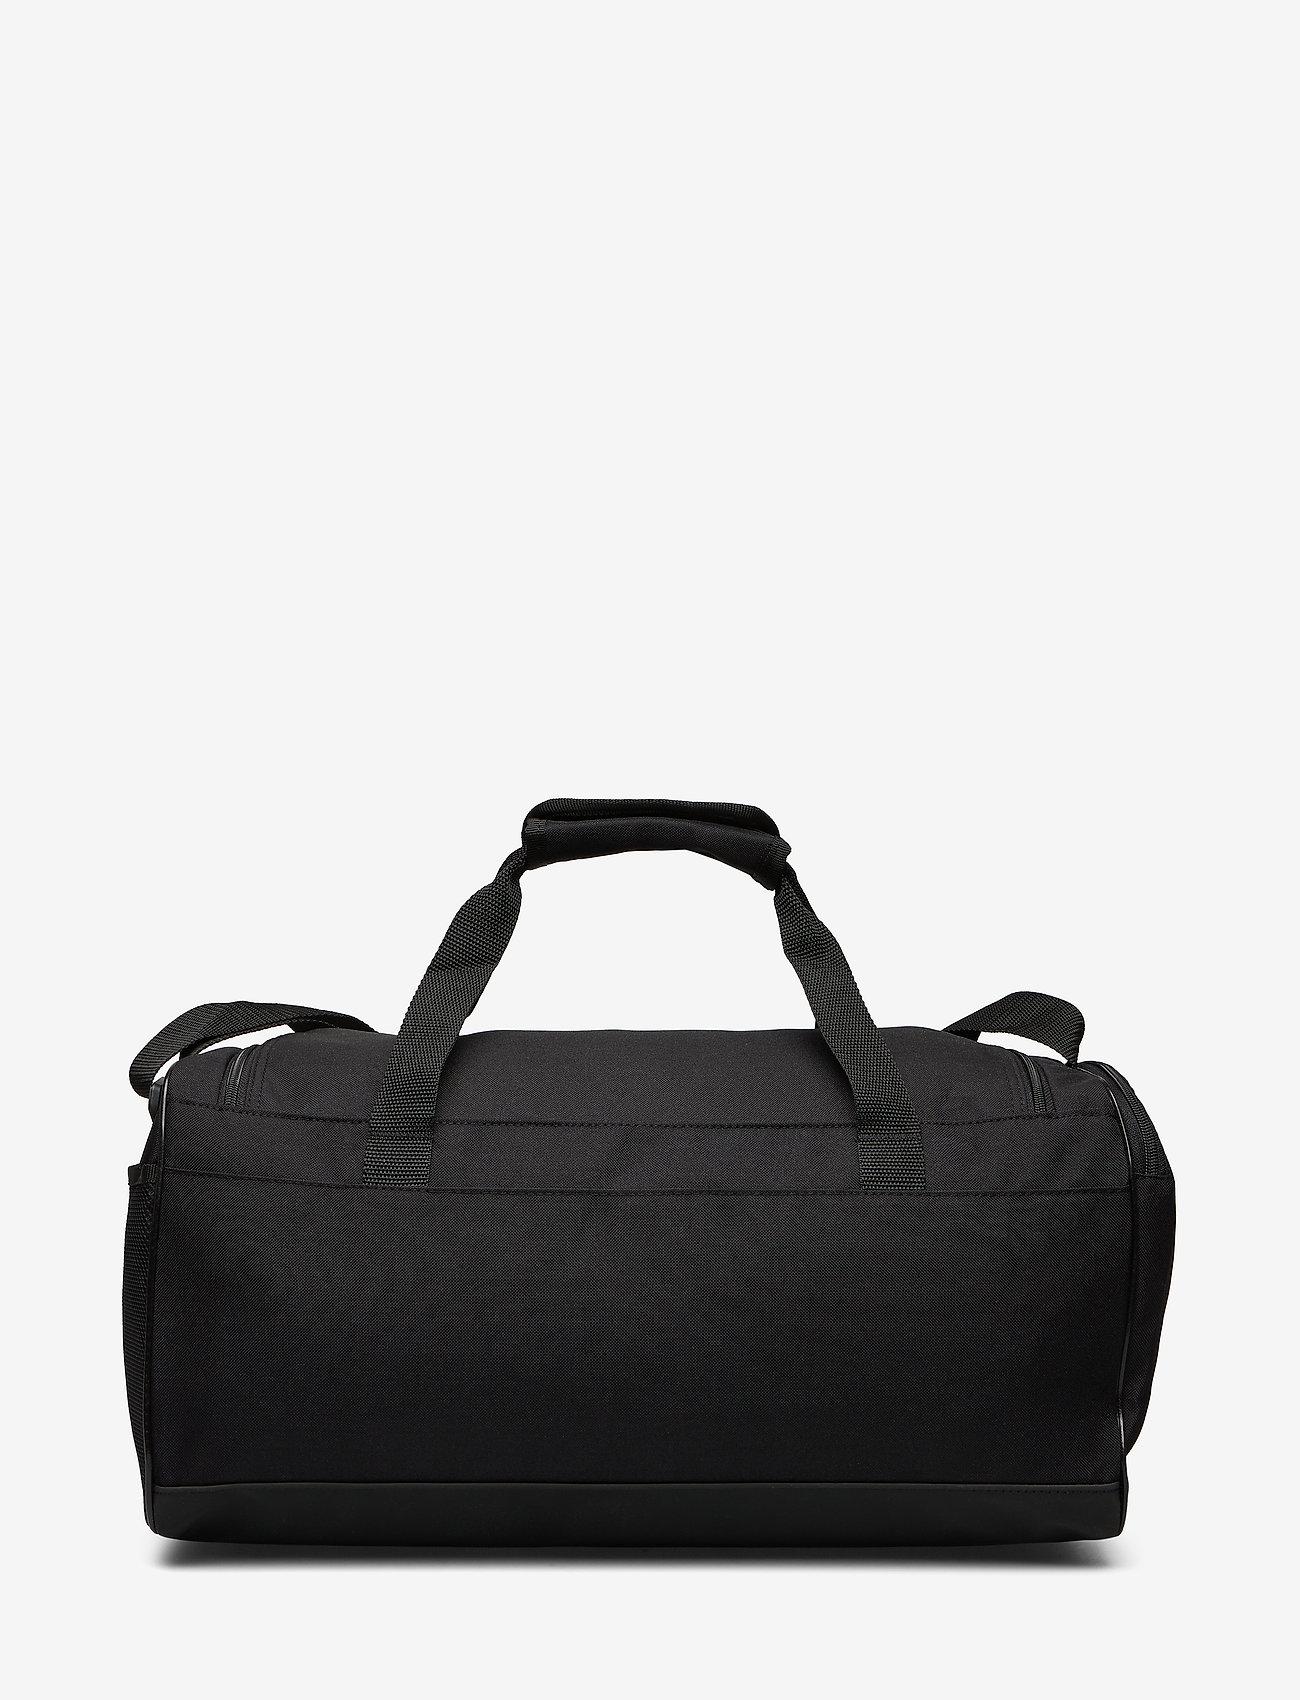 adidas Performance - LIN DUFFLE S - sacs d'entraînement - black/black/white - 1